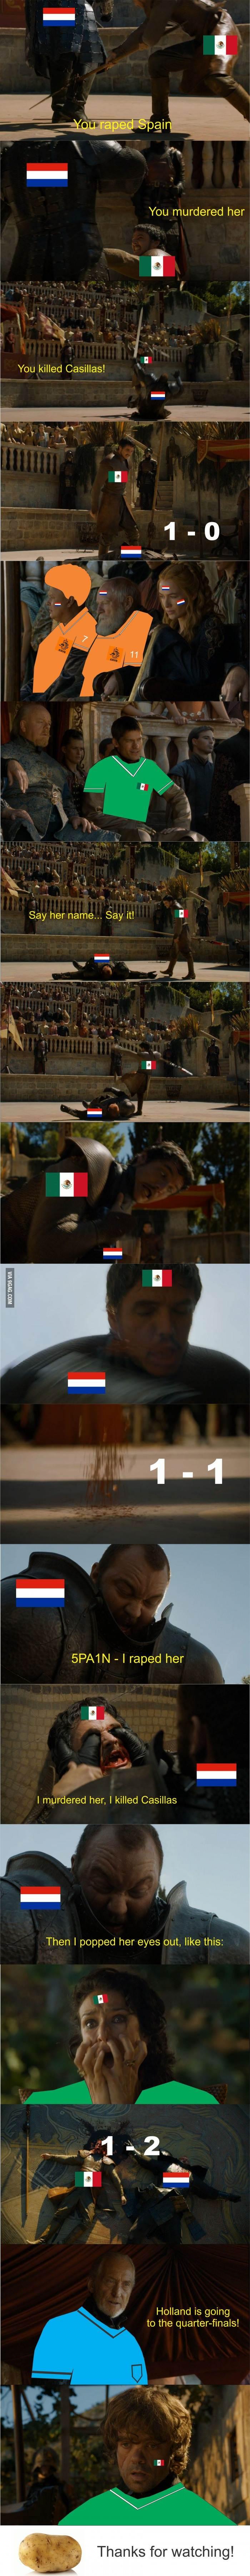 دوئل مکزیک هلند کوه با افعی سرخ